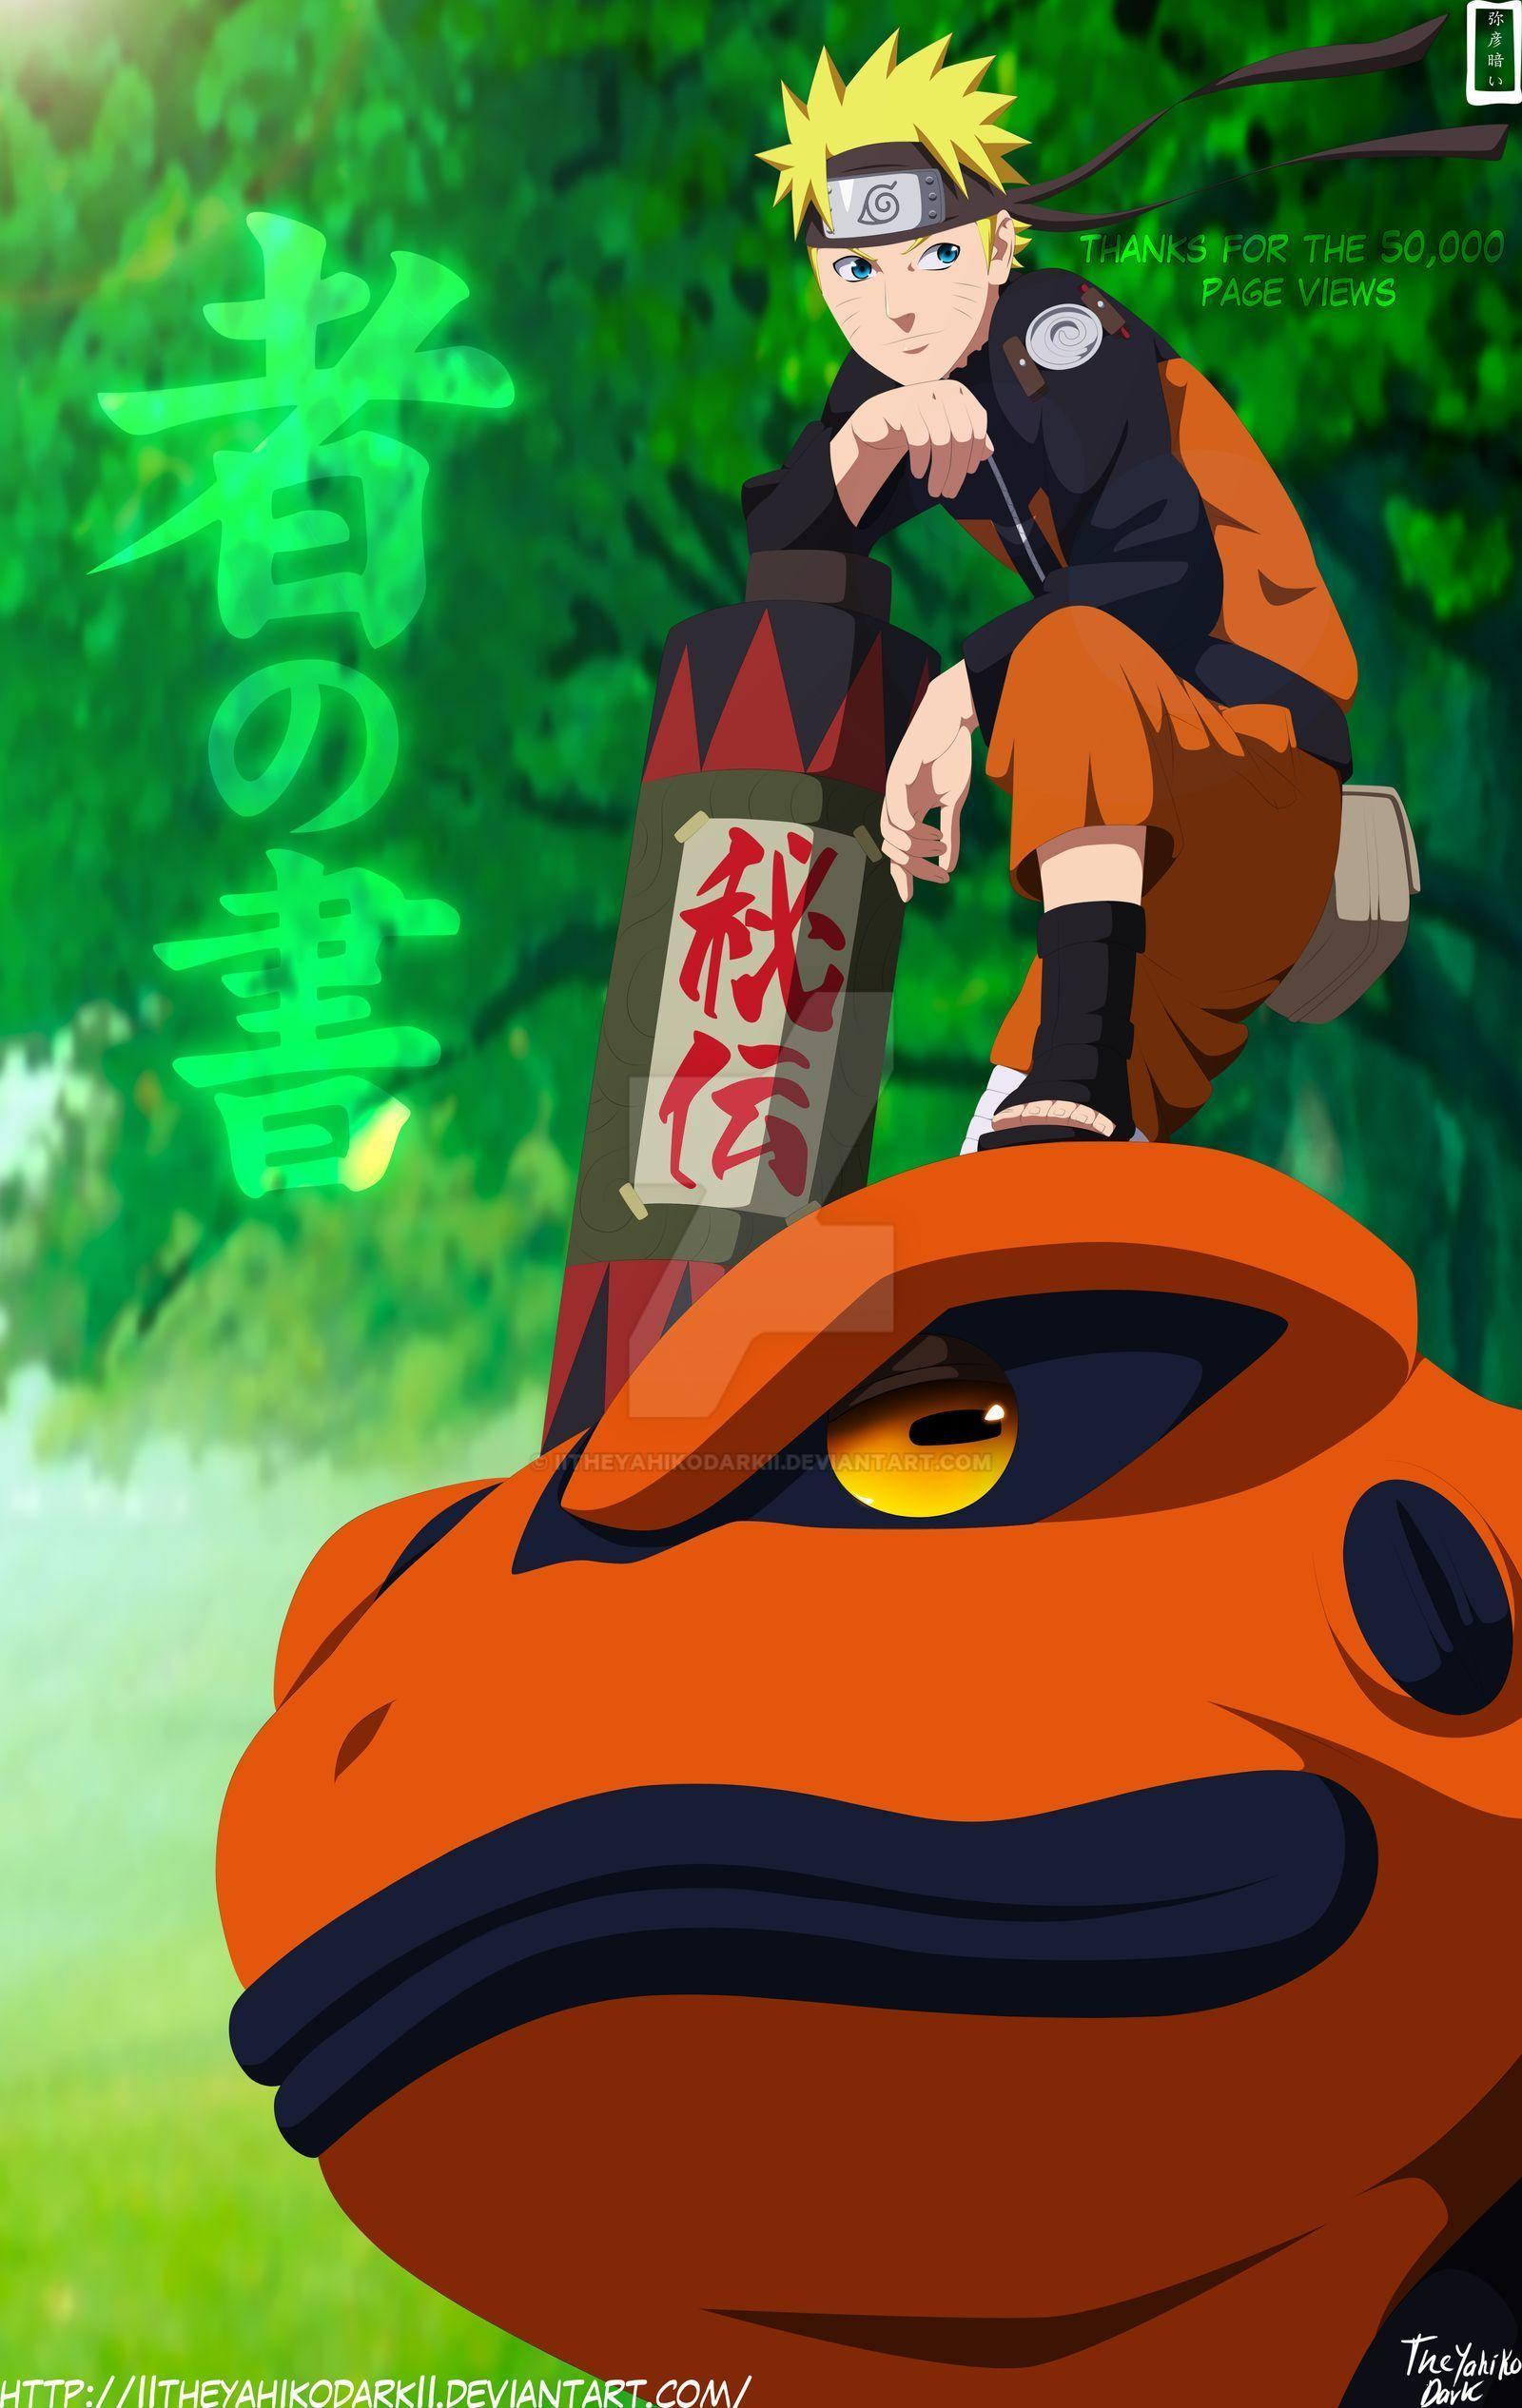 Naruto Thought Time by IITheYahikoDarkII on DeviantArt